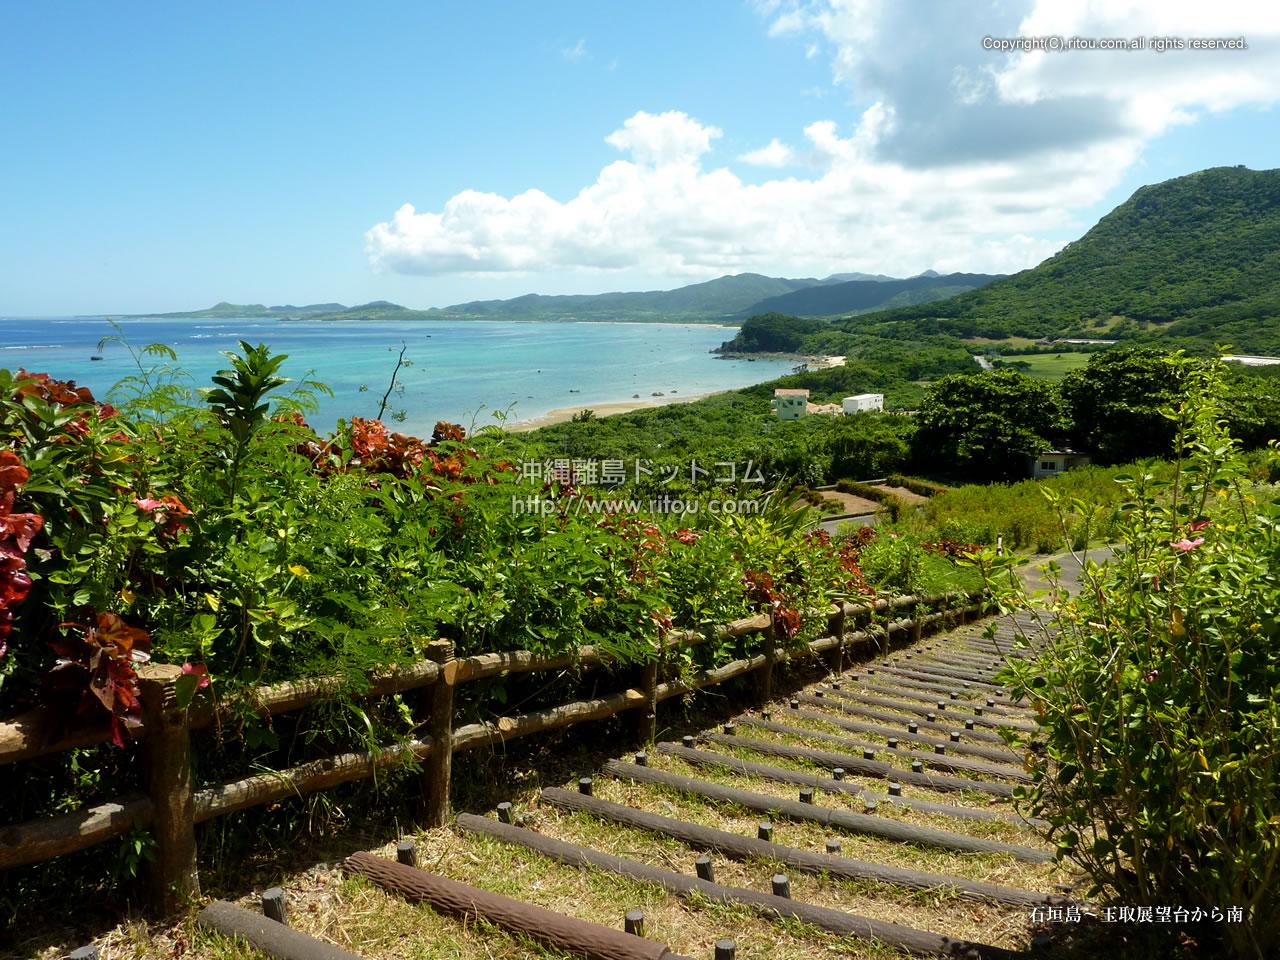 石垣島〜玉取展望台から南